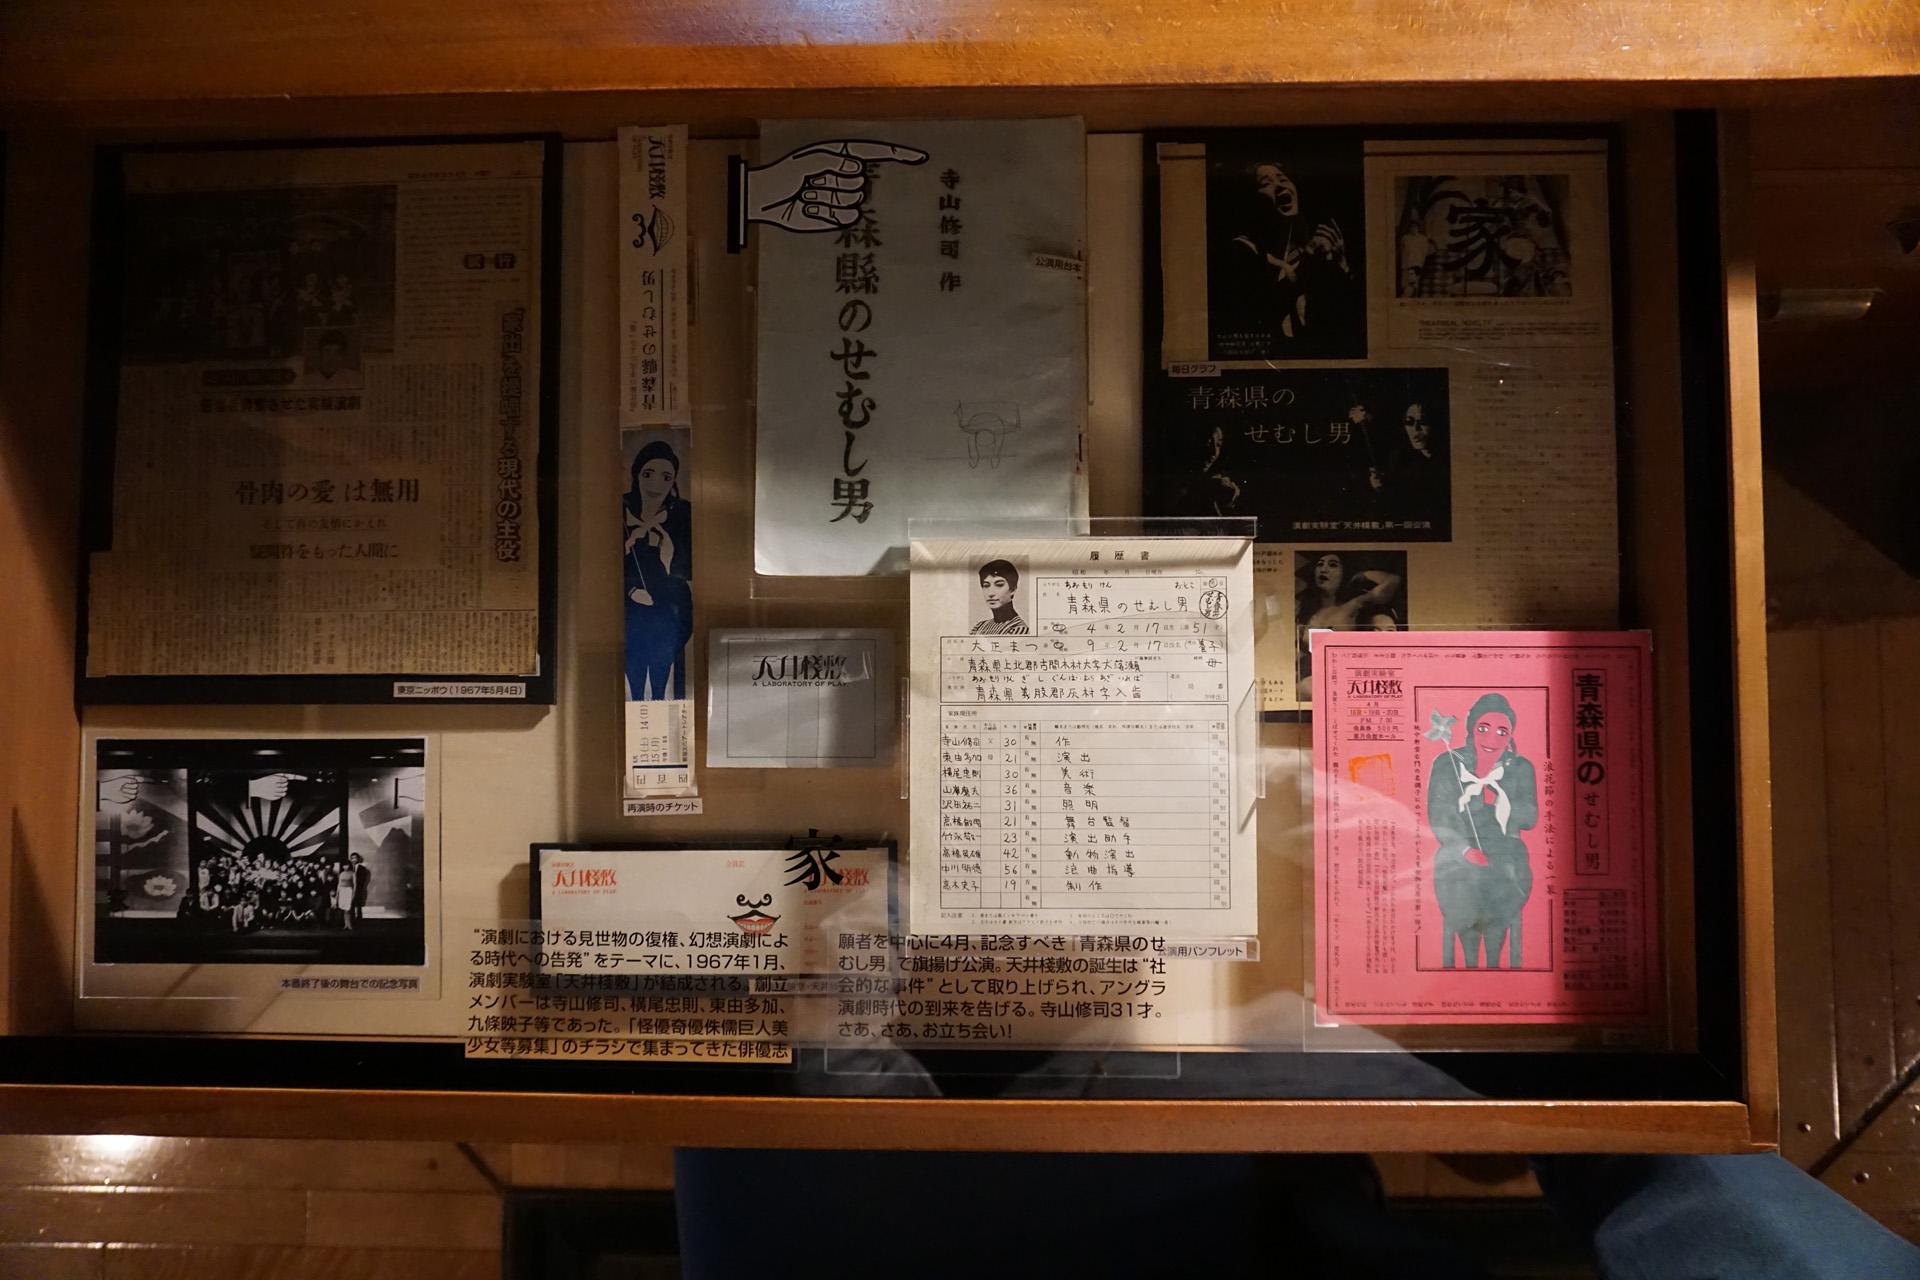 三沢市寺山修司記念館 青森県 ジャパンアヴァンギャルド ポスター展